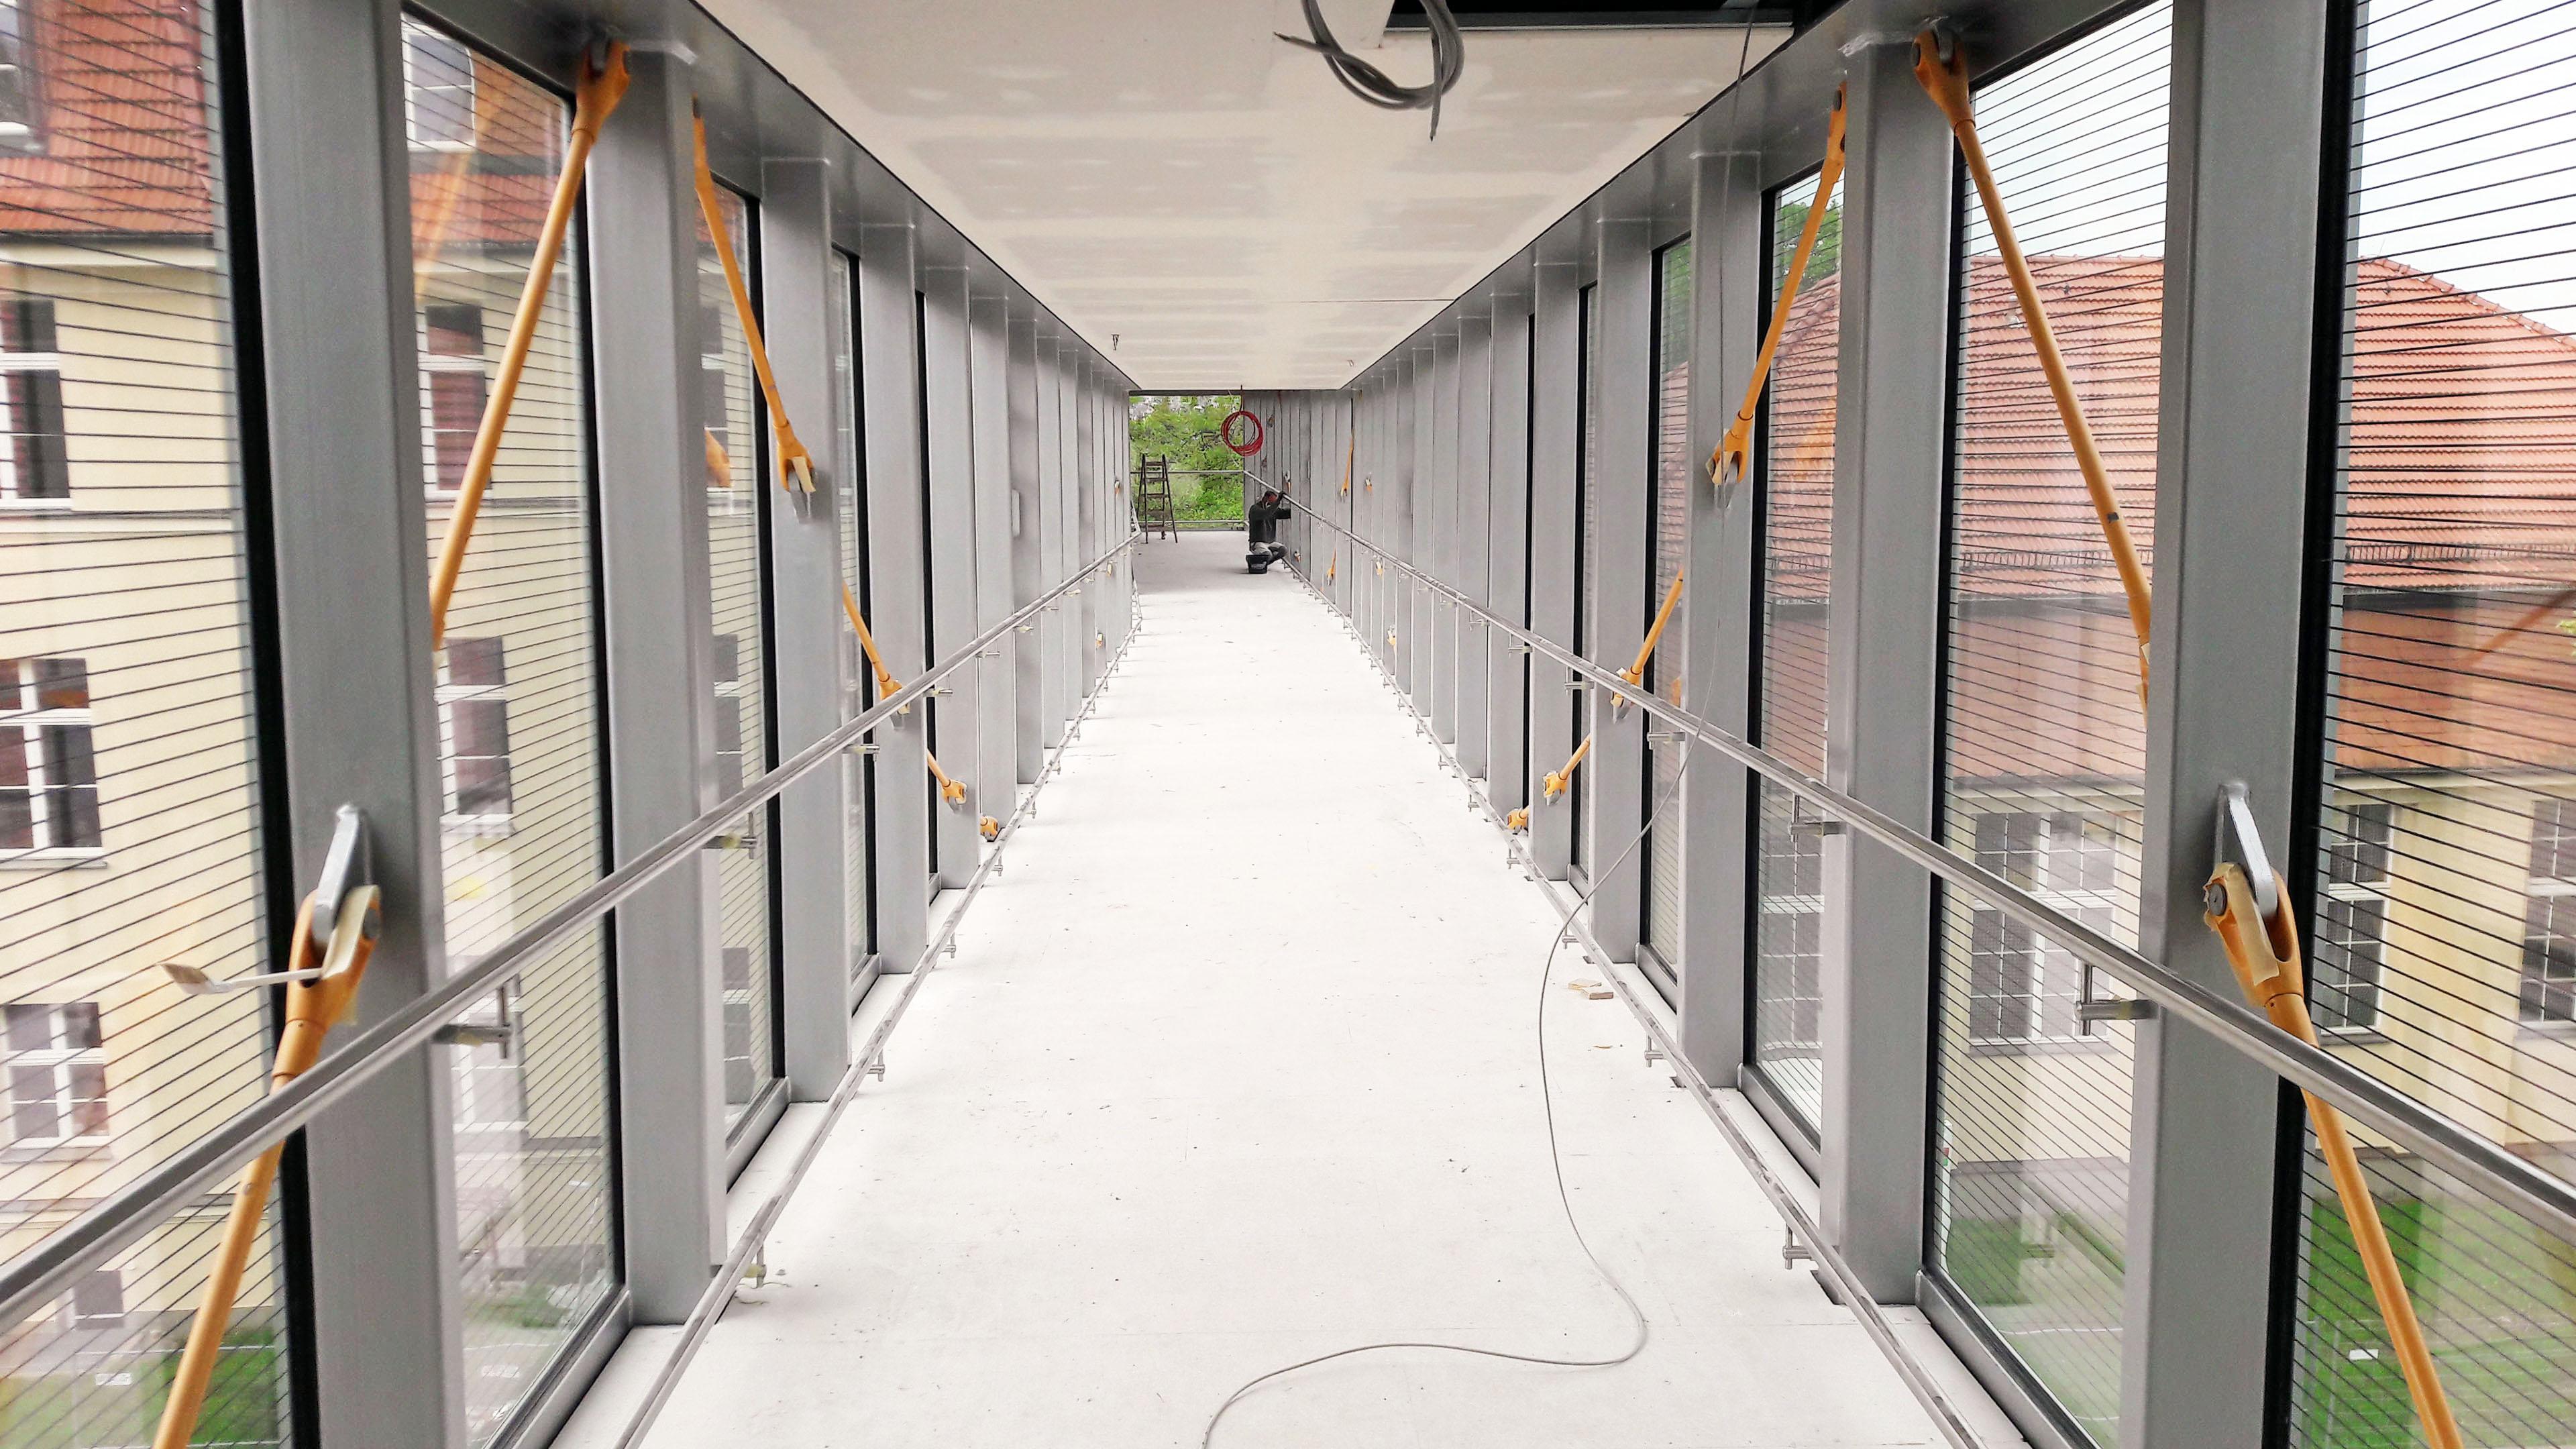 Innenansicht einer Brücke aus Stahl und Glas in Chemnitz